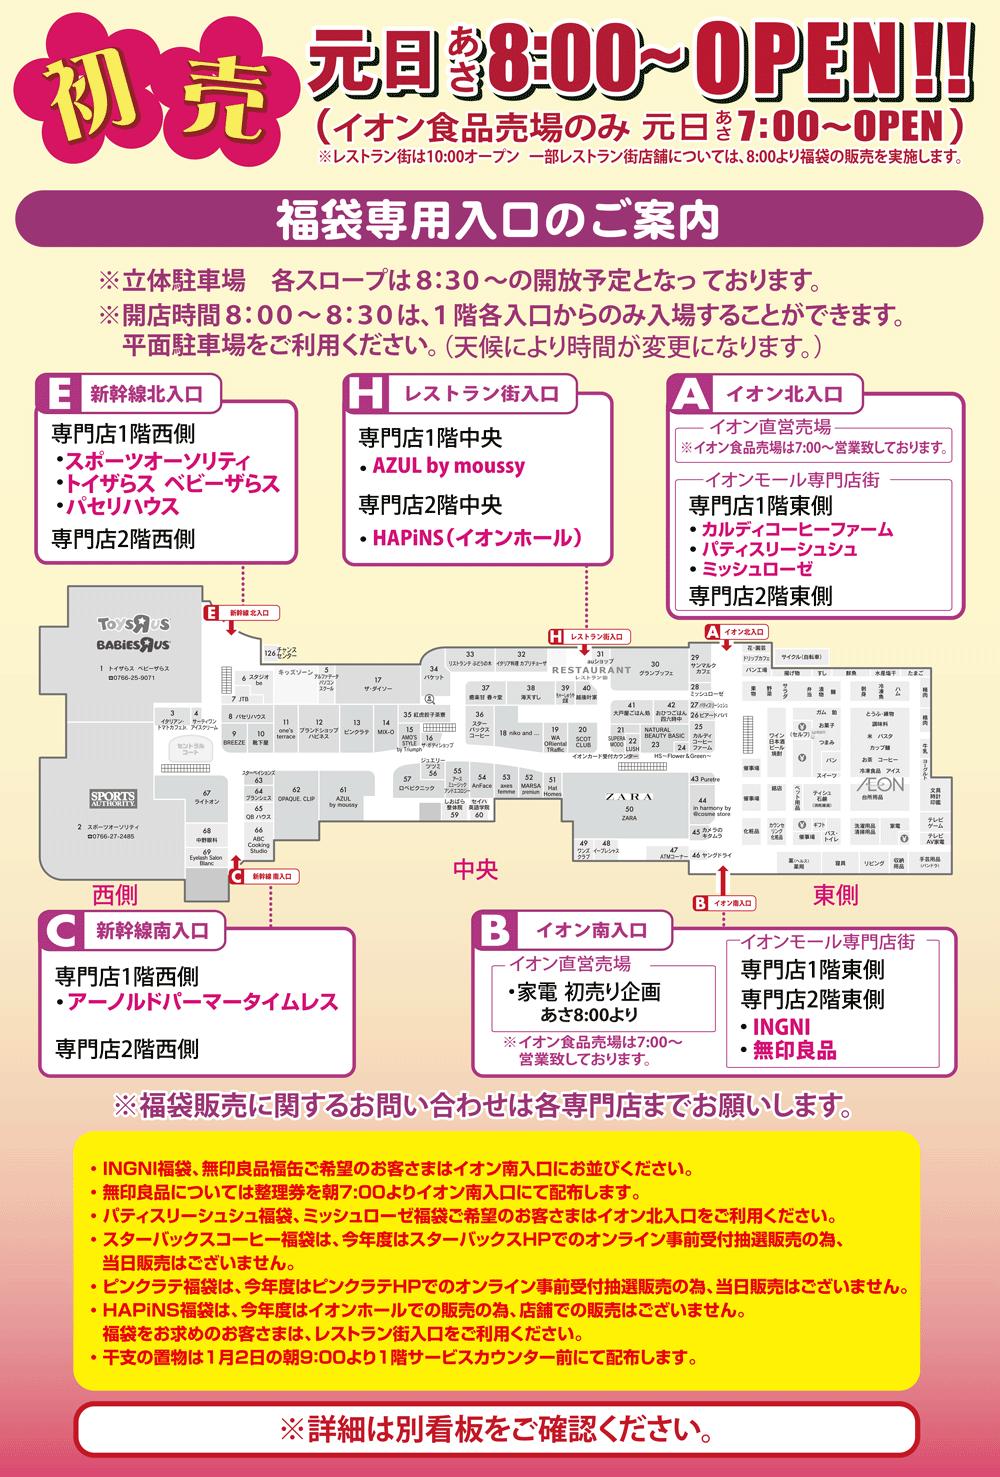 イオンモール高岡の初売り2019、福袋専用入口